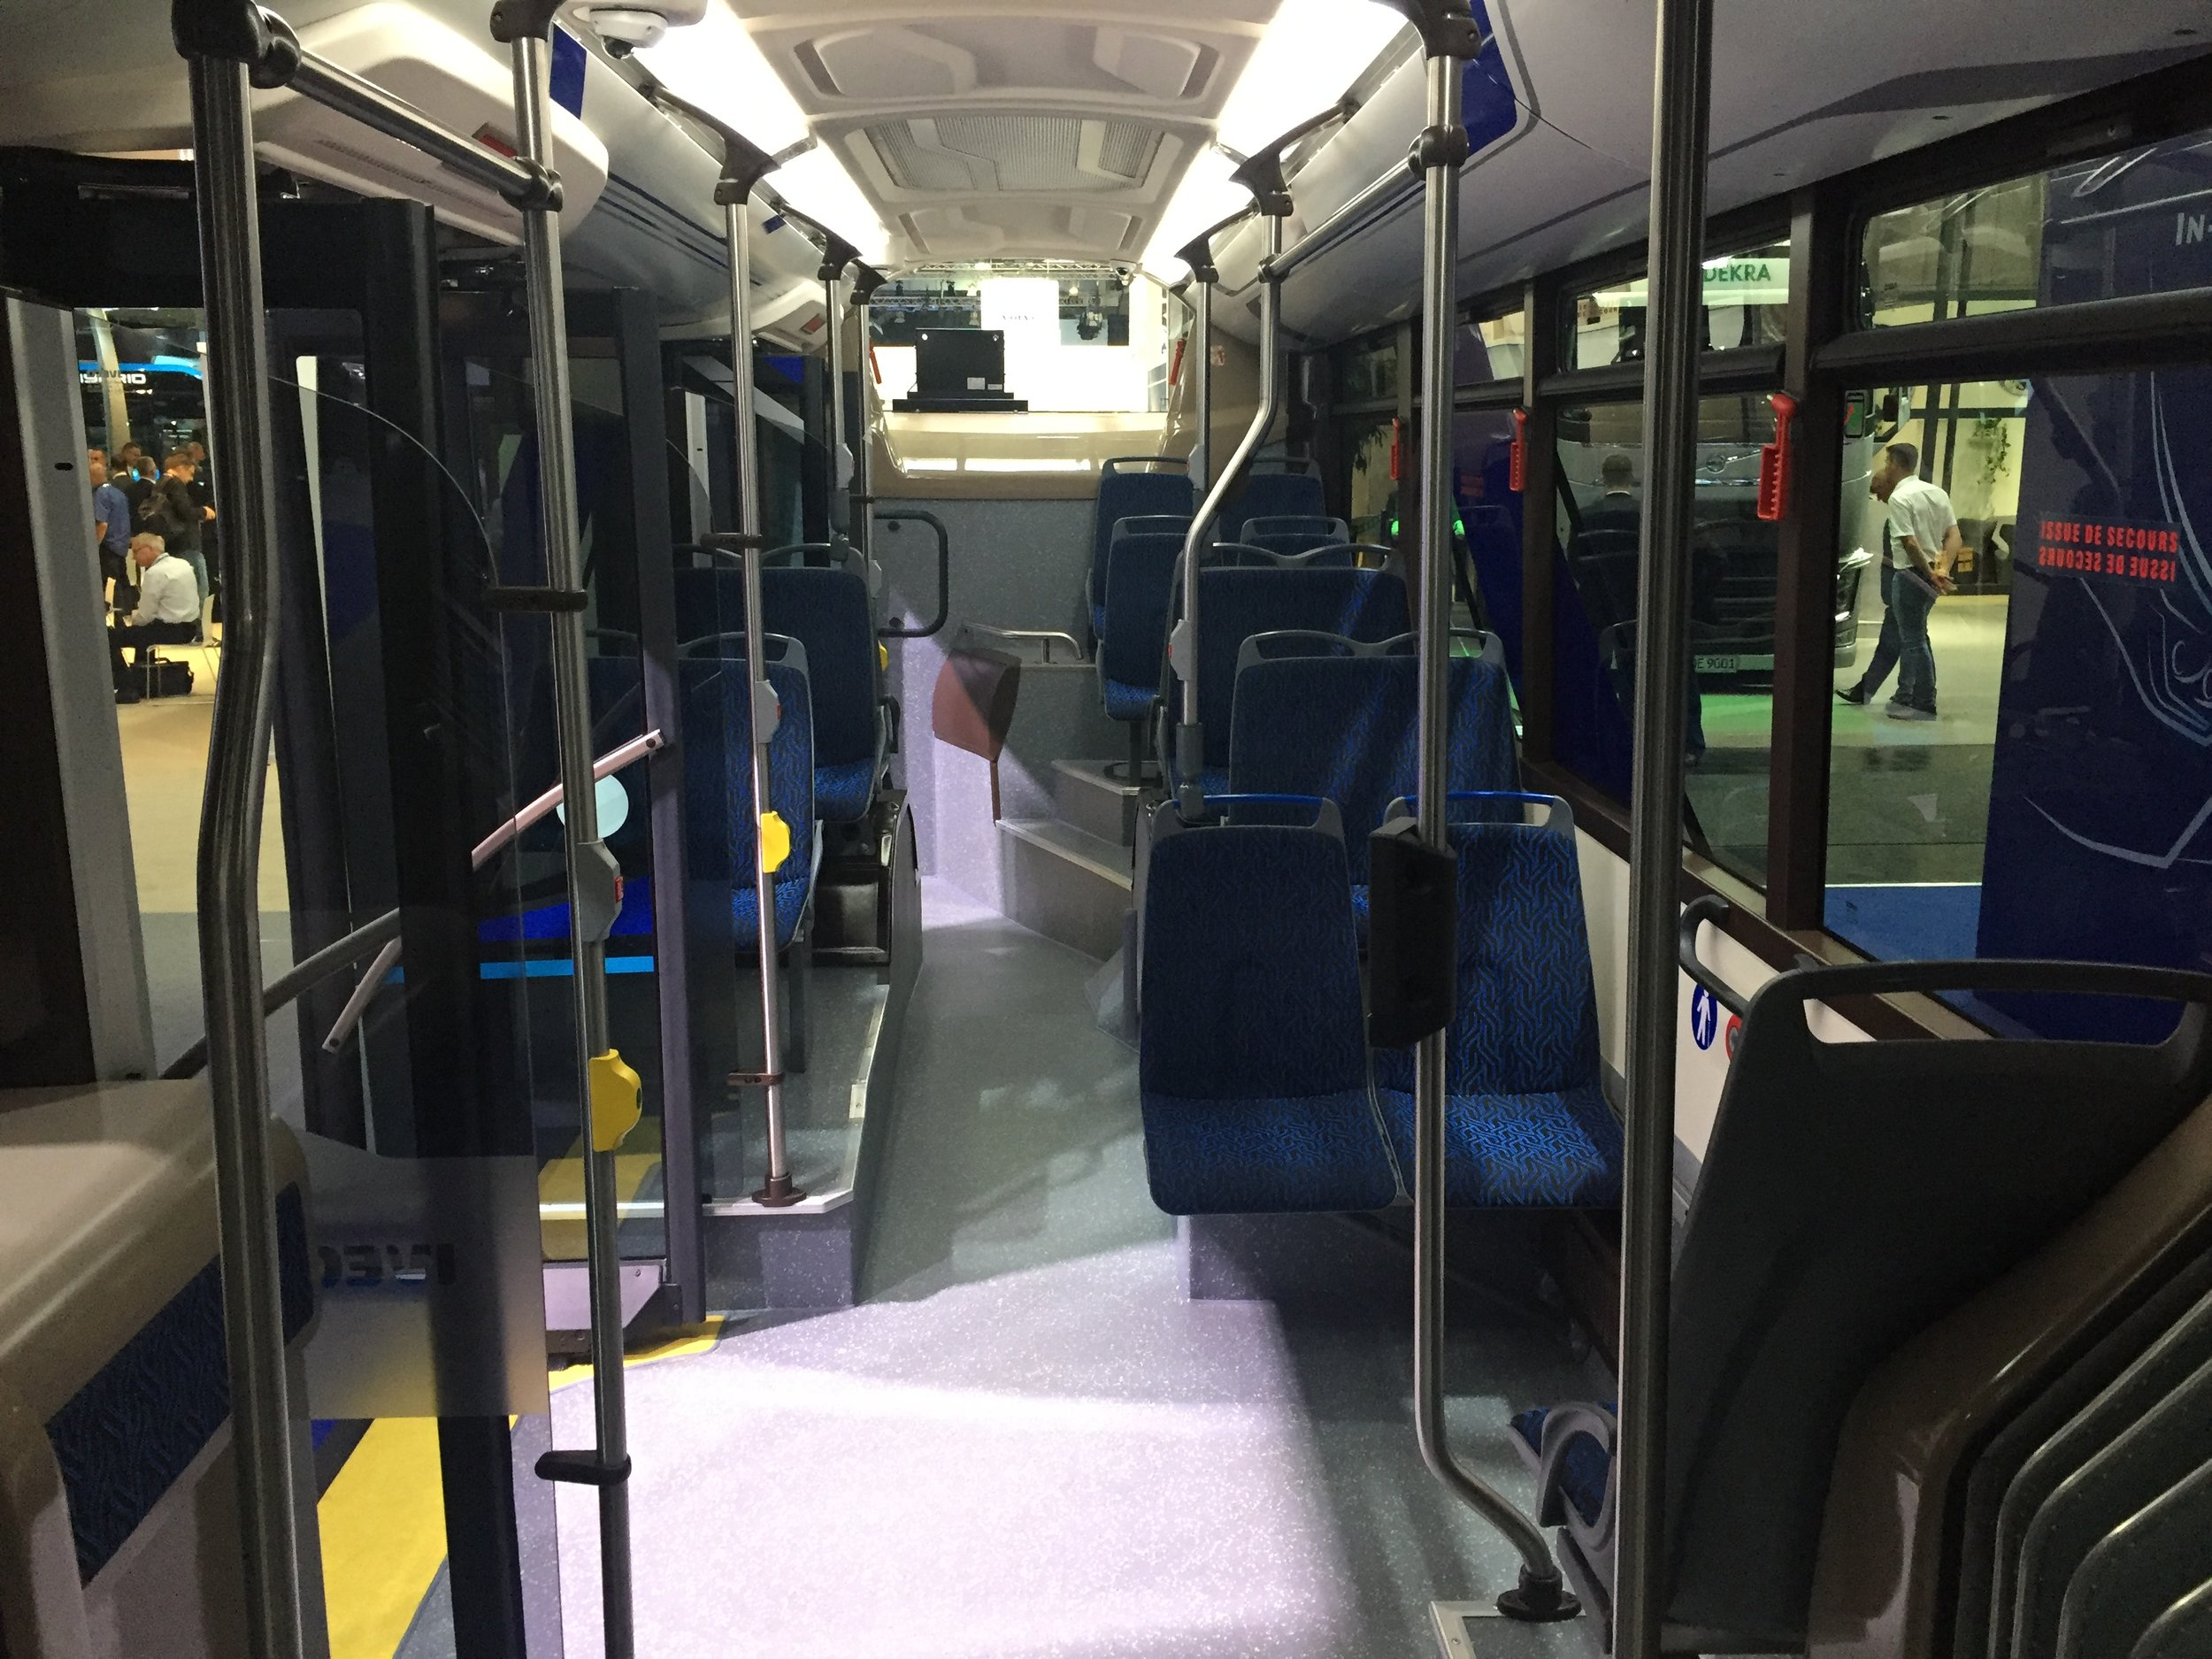 Pohled do upraveného interiéru vozidla. (foto: Libor Hinčica)